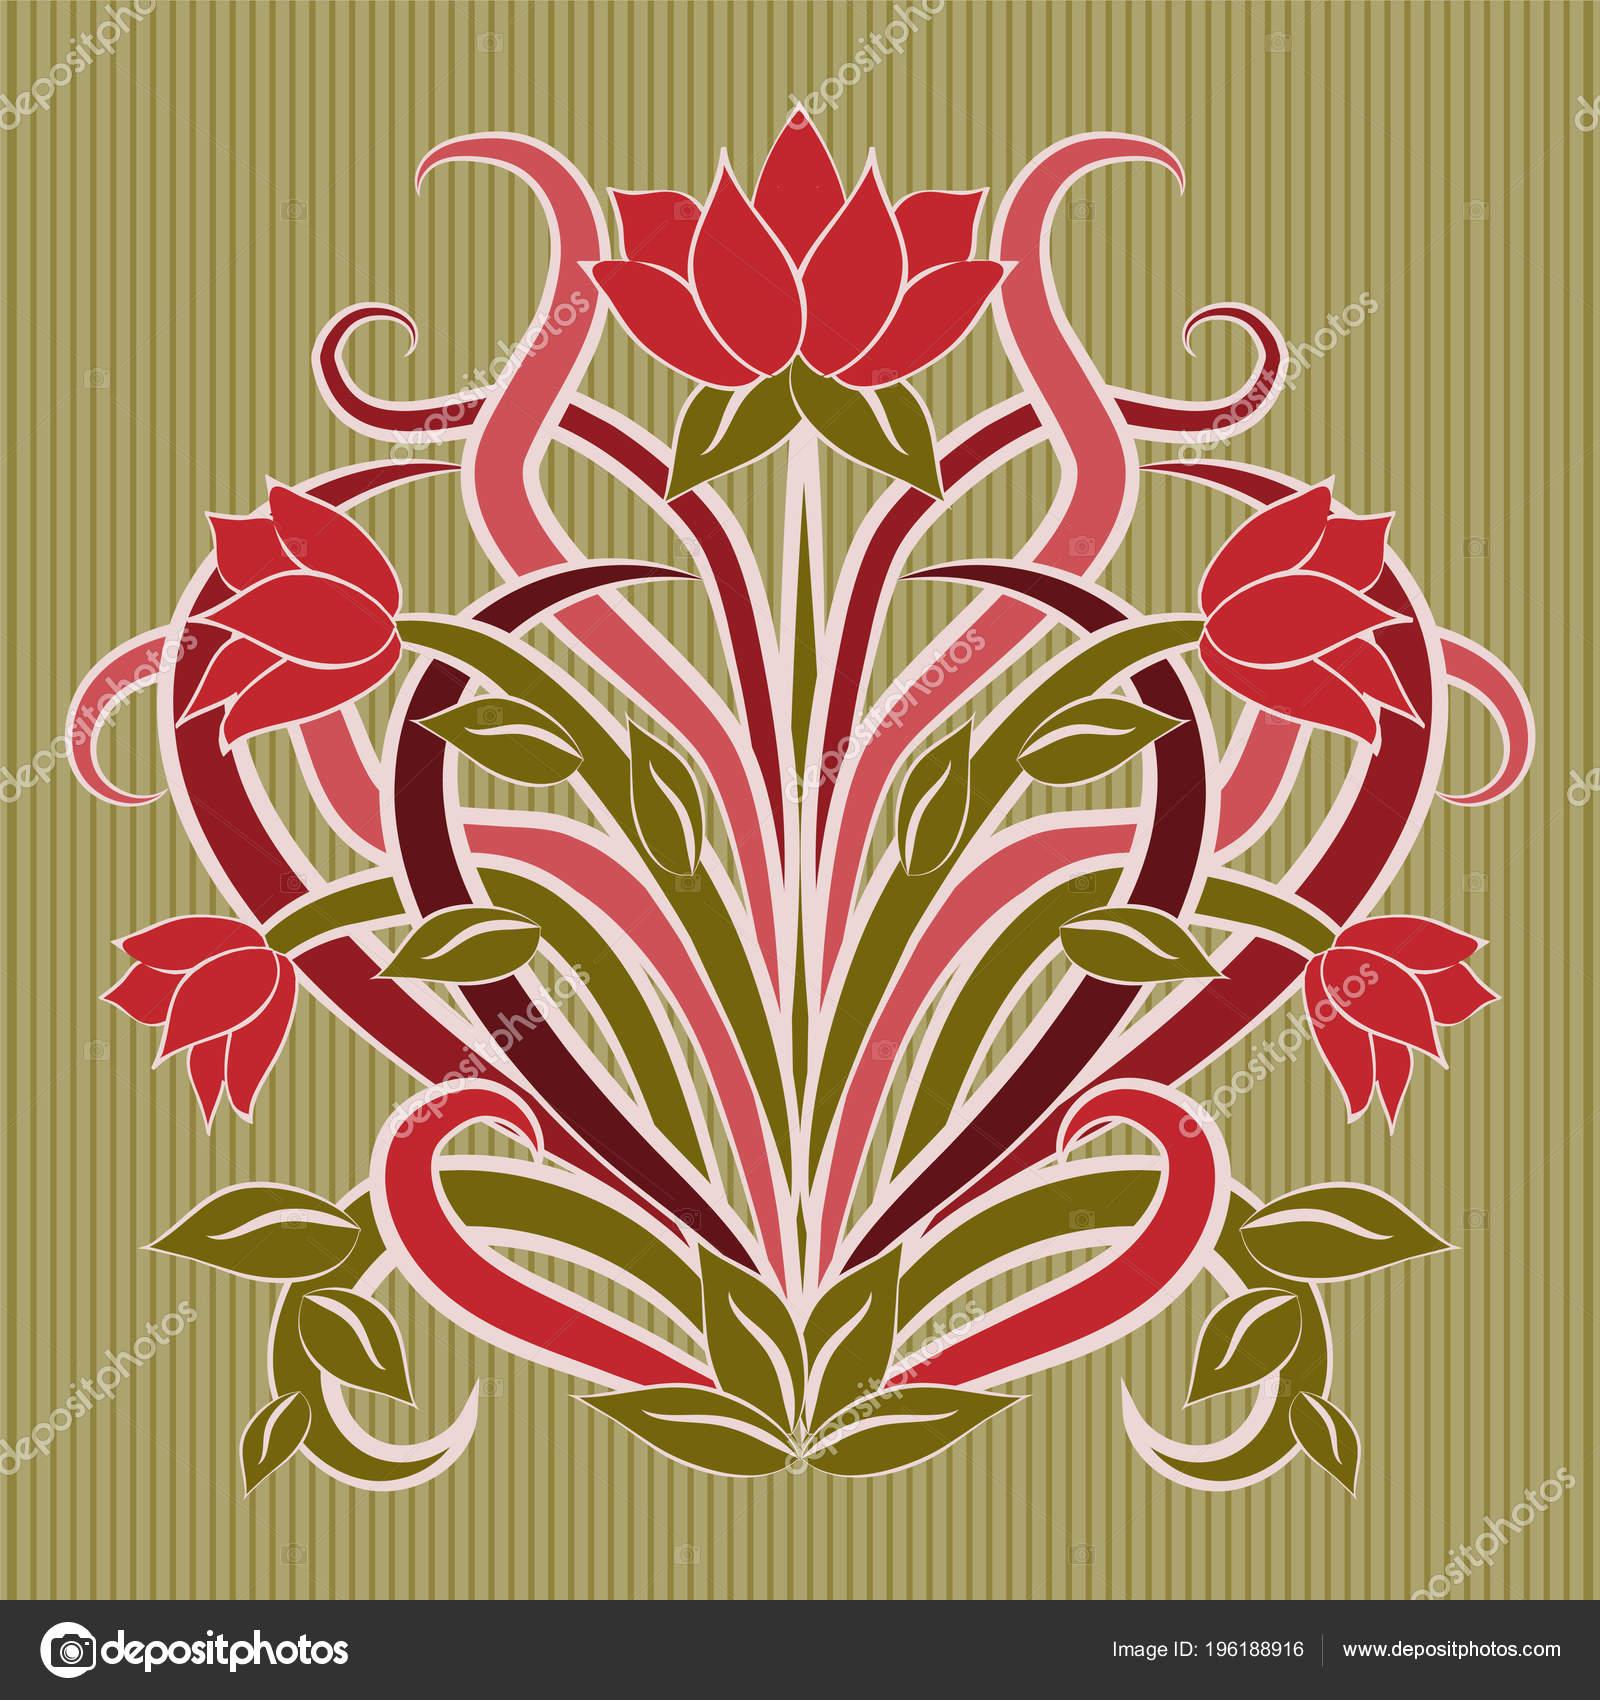 Art Deco Floral Wallpaper Floral Wallpaper Art Nouveau Style